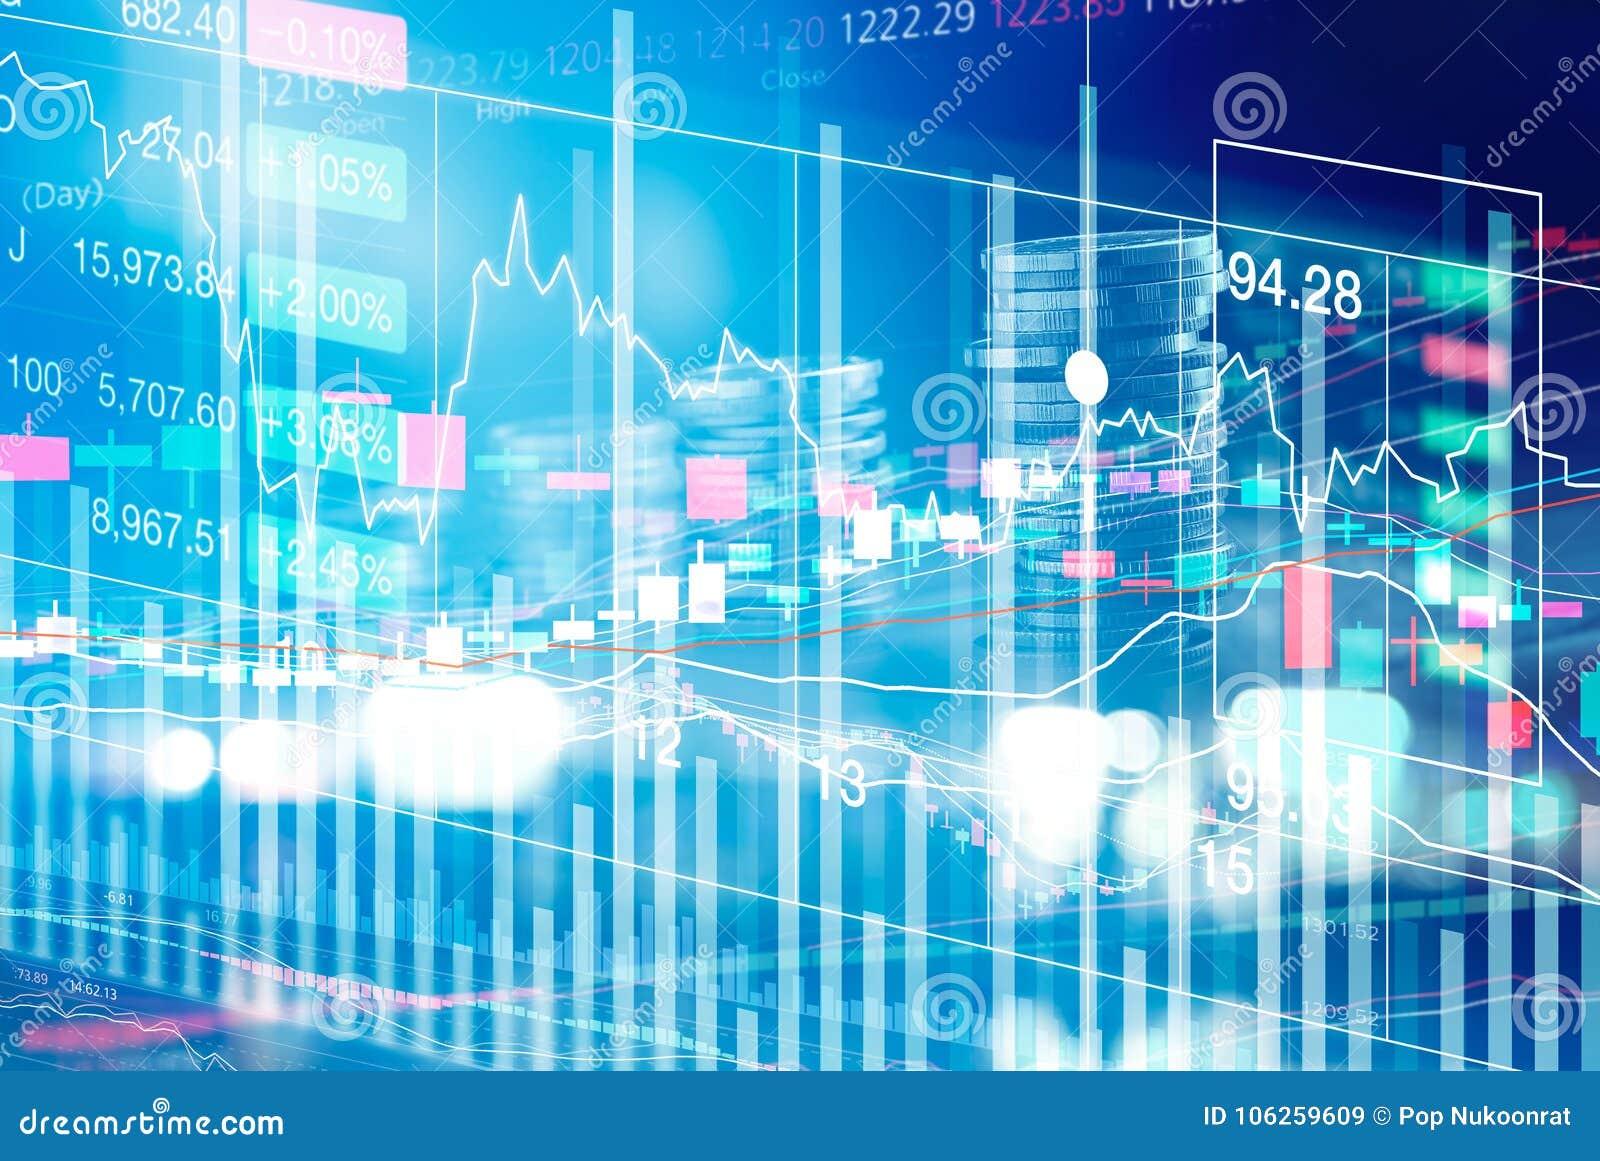 Το διάγραμμα χρηματιστηρίου παρουσιάζει επίδειξη νομίσματος γραφικών παραστάσεων σειρών